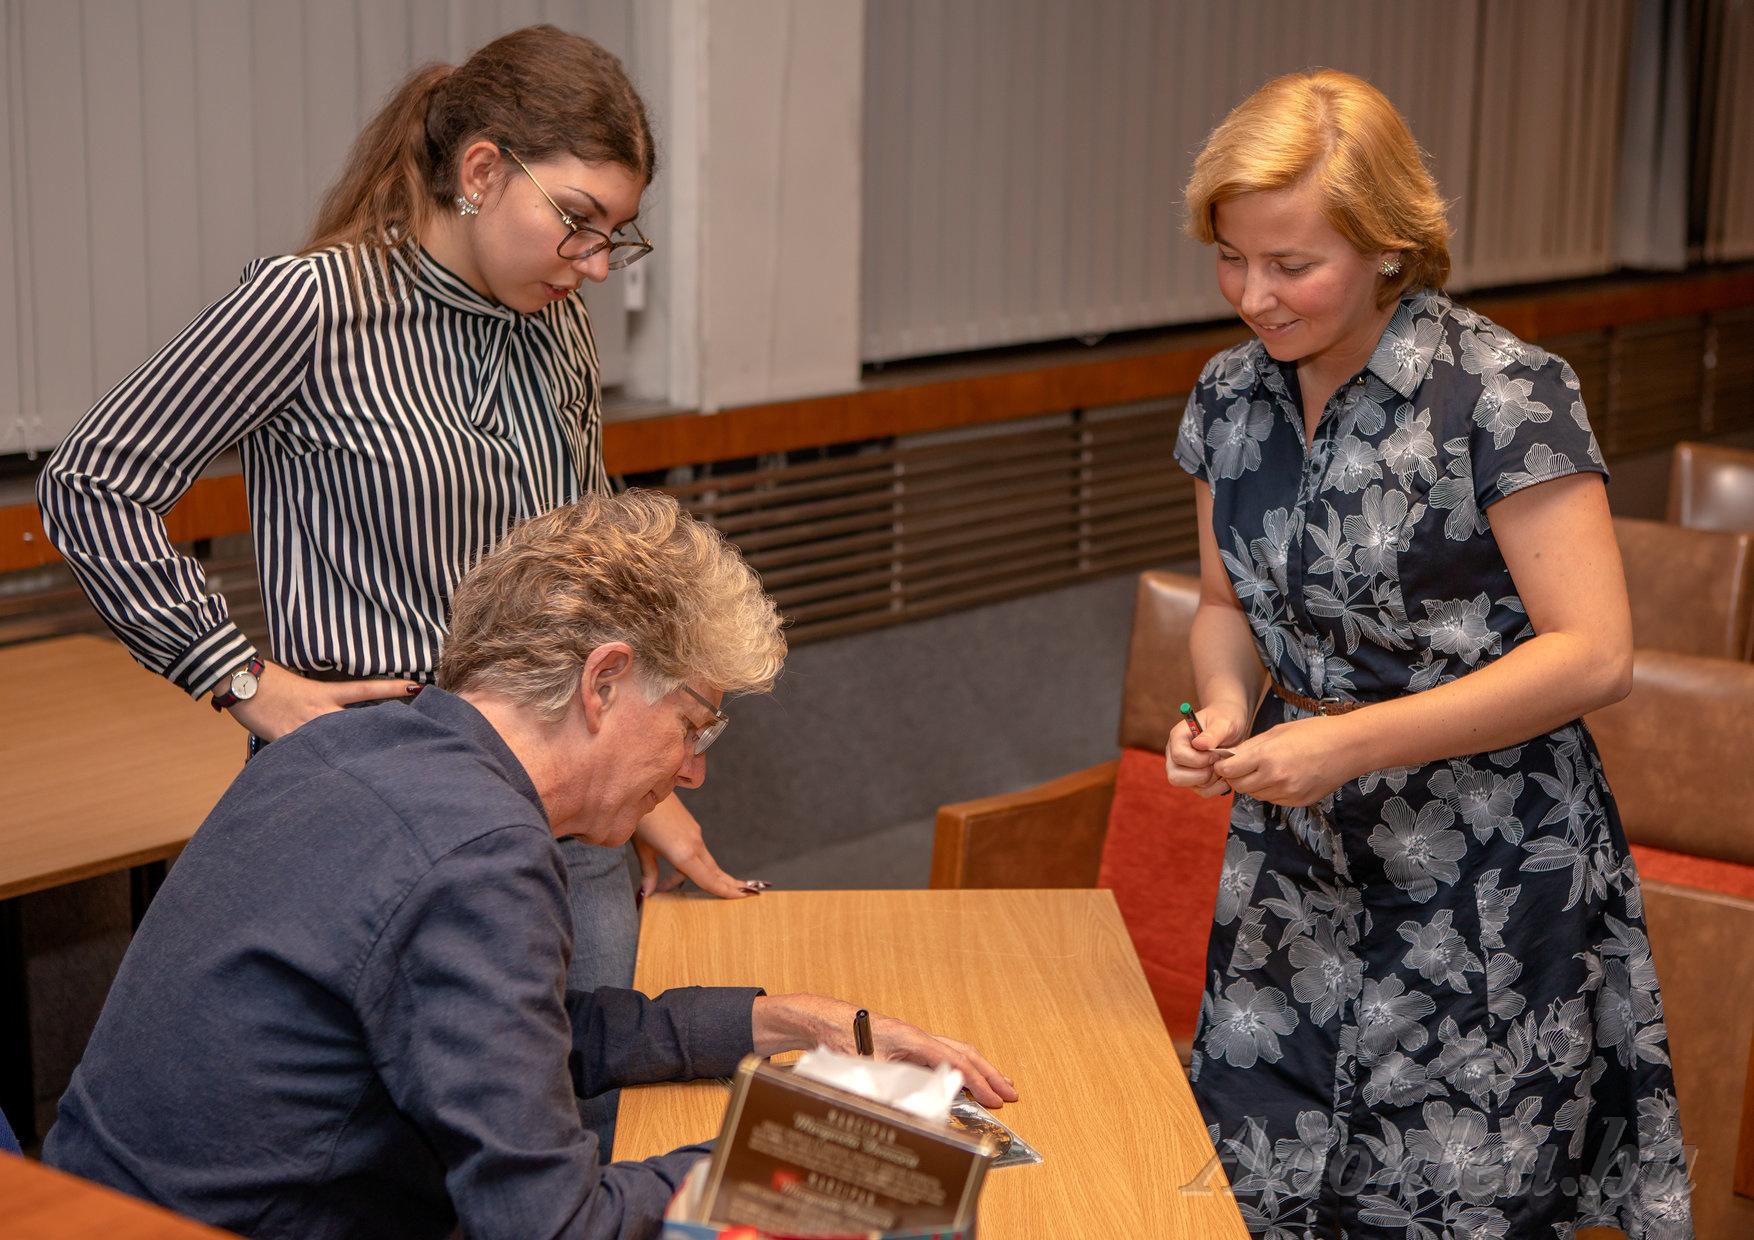 Claire a magyar VU DVD-kiadásra kért autogramot